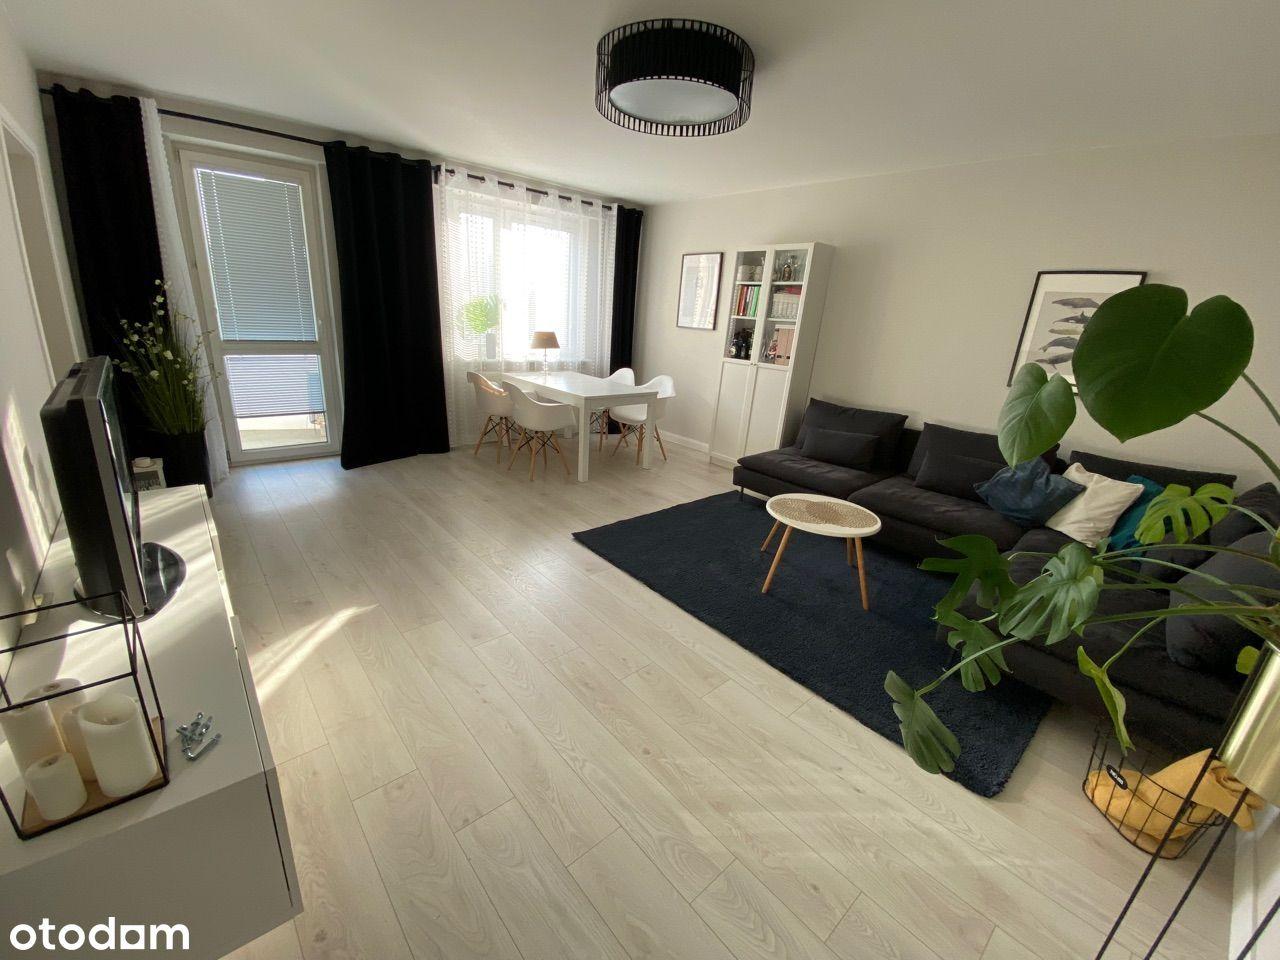 JANÓW mieszkanie 83 m2 na zamkniętym osiedlu